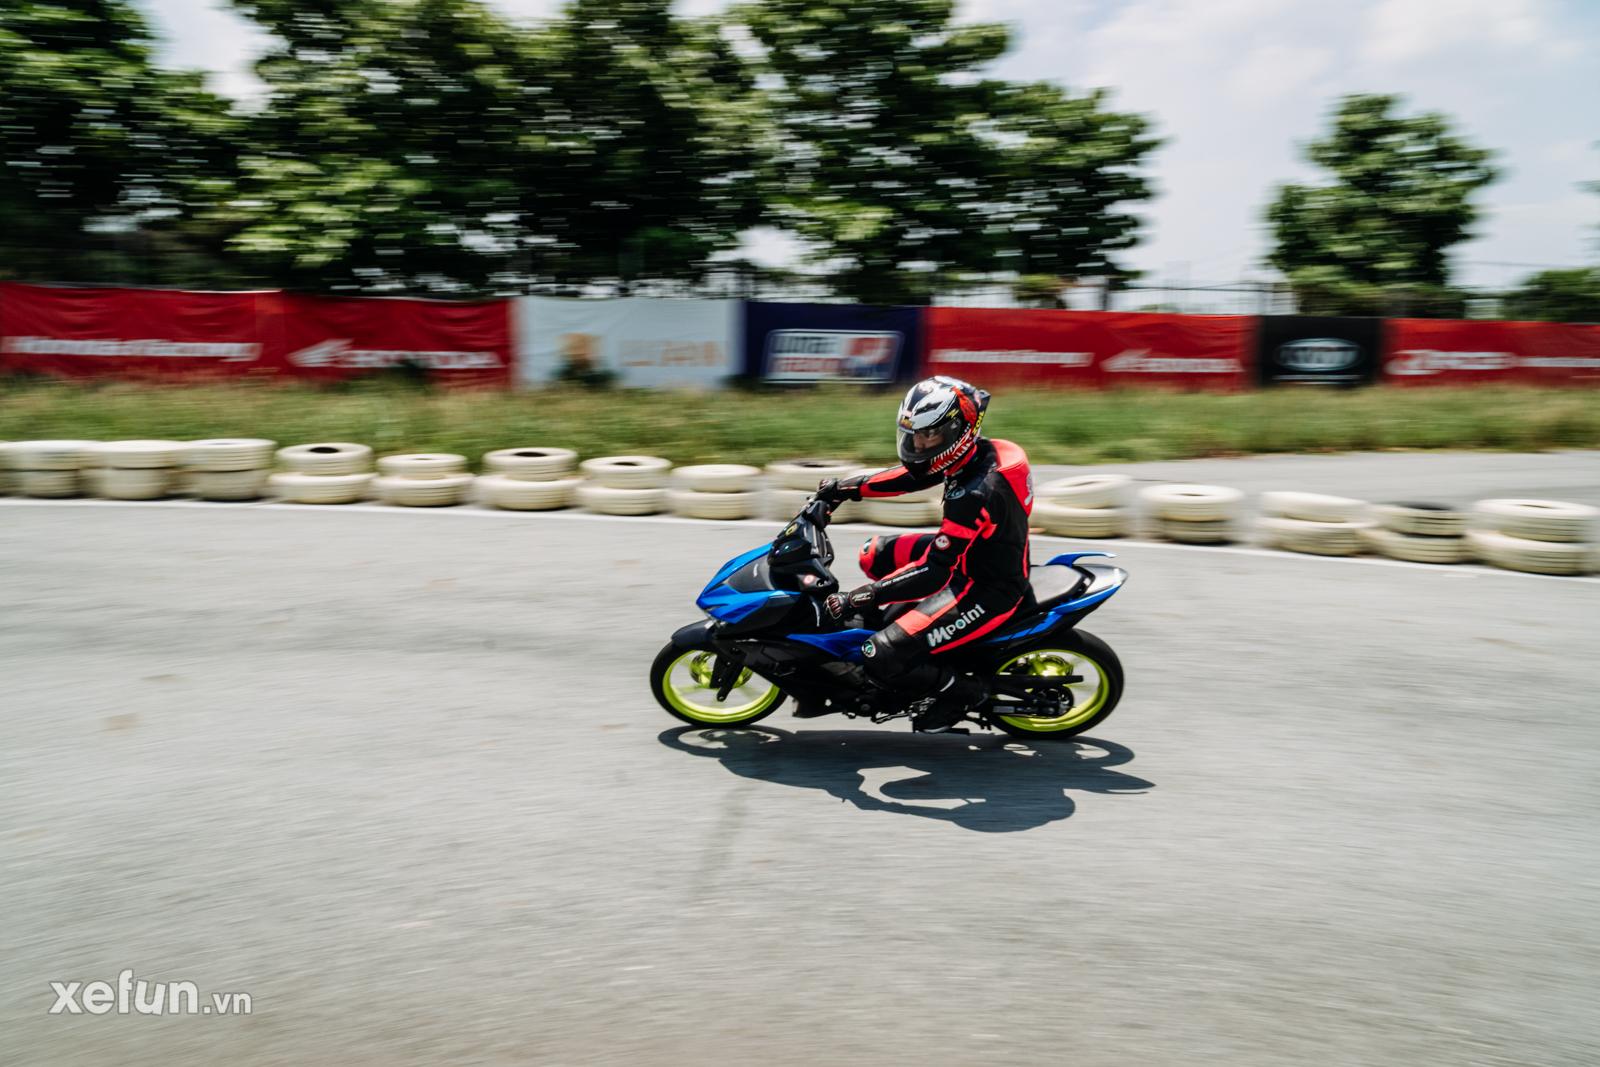 VRRC Summer Test 1 – Chặng đua khởi động VRRC mùa giải 2021 Xefun 115